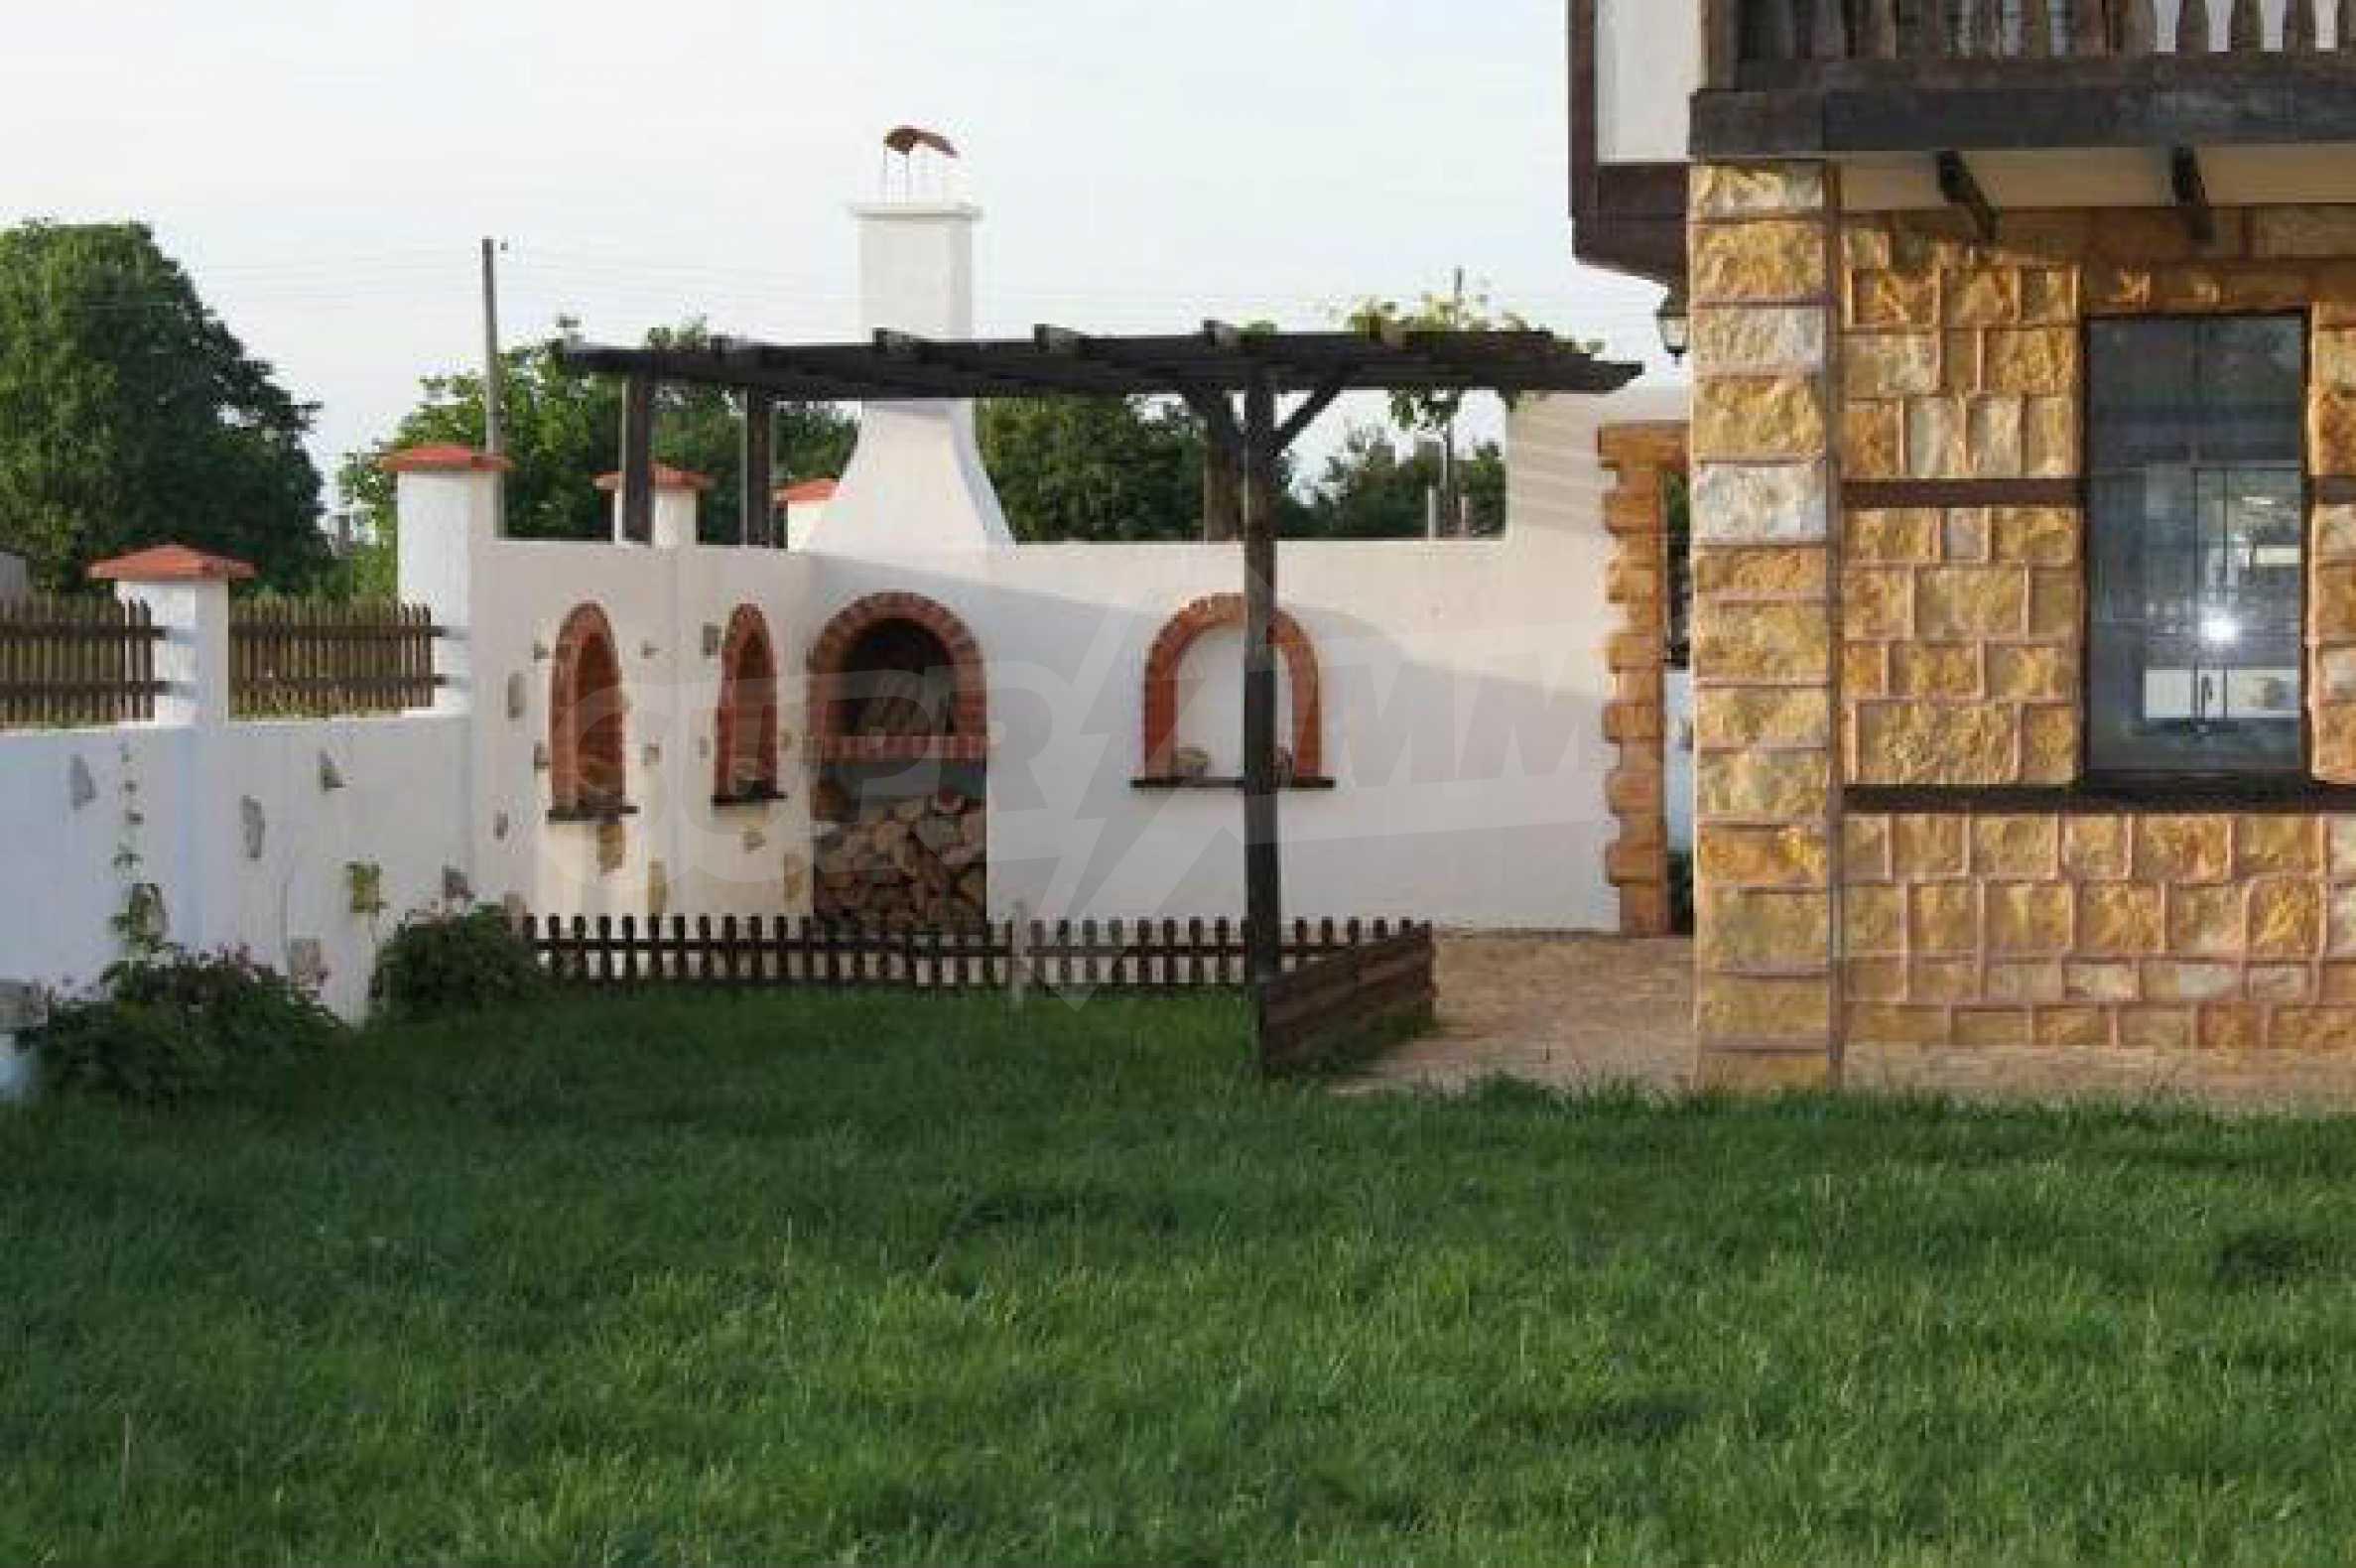 Neues zweistöckiges Haus 8 km von Baltschik entfernt 12